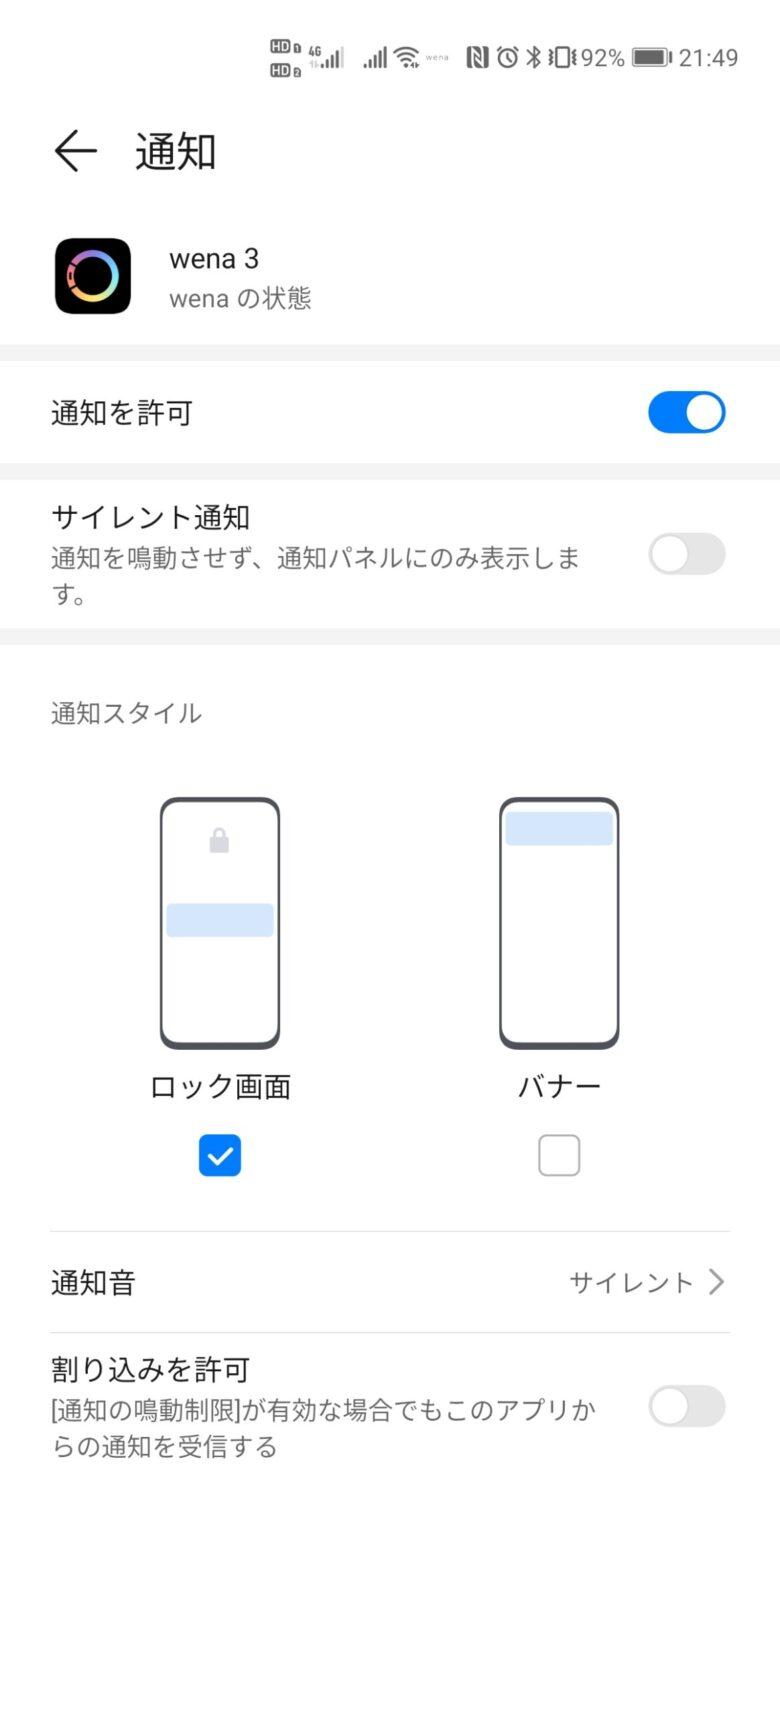 wena 3アプリの通知設定画面です。